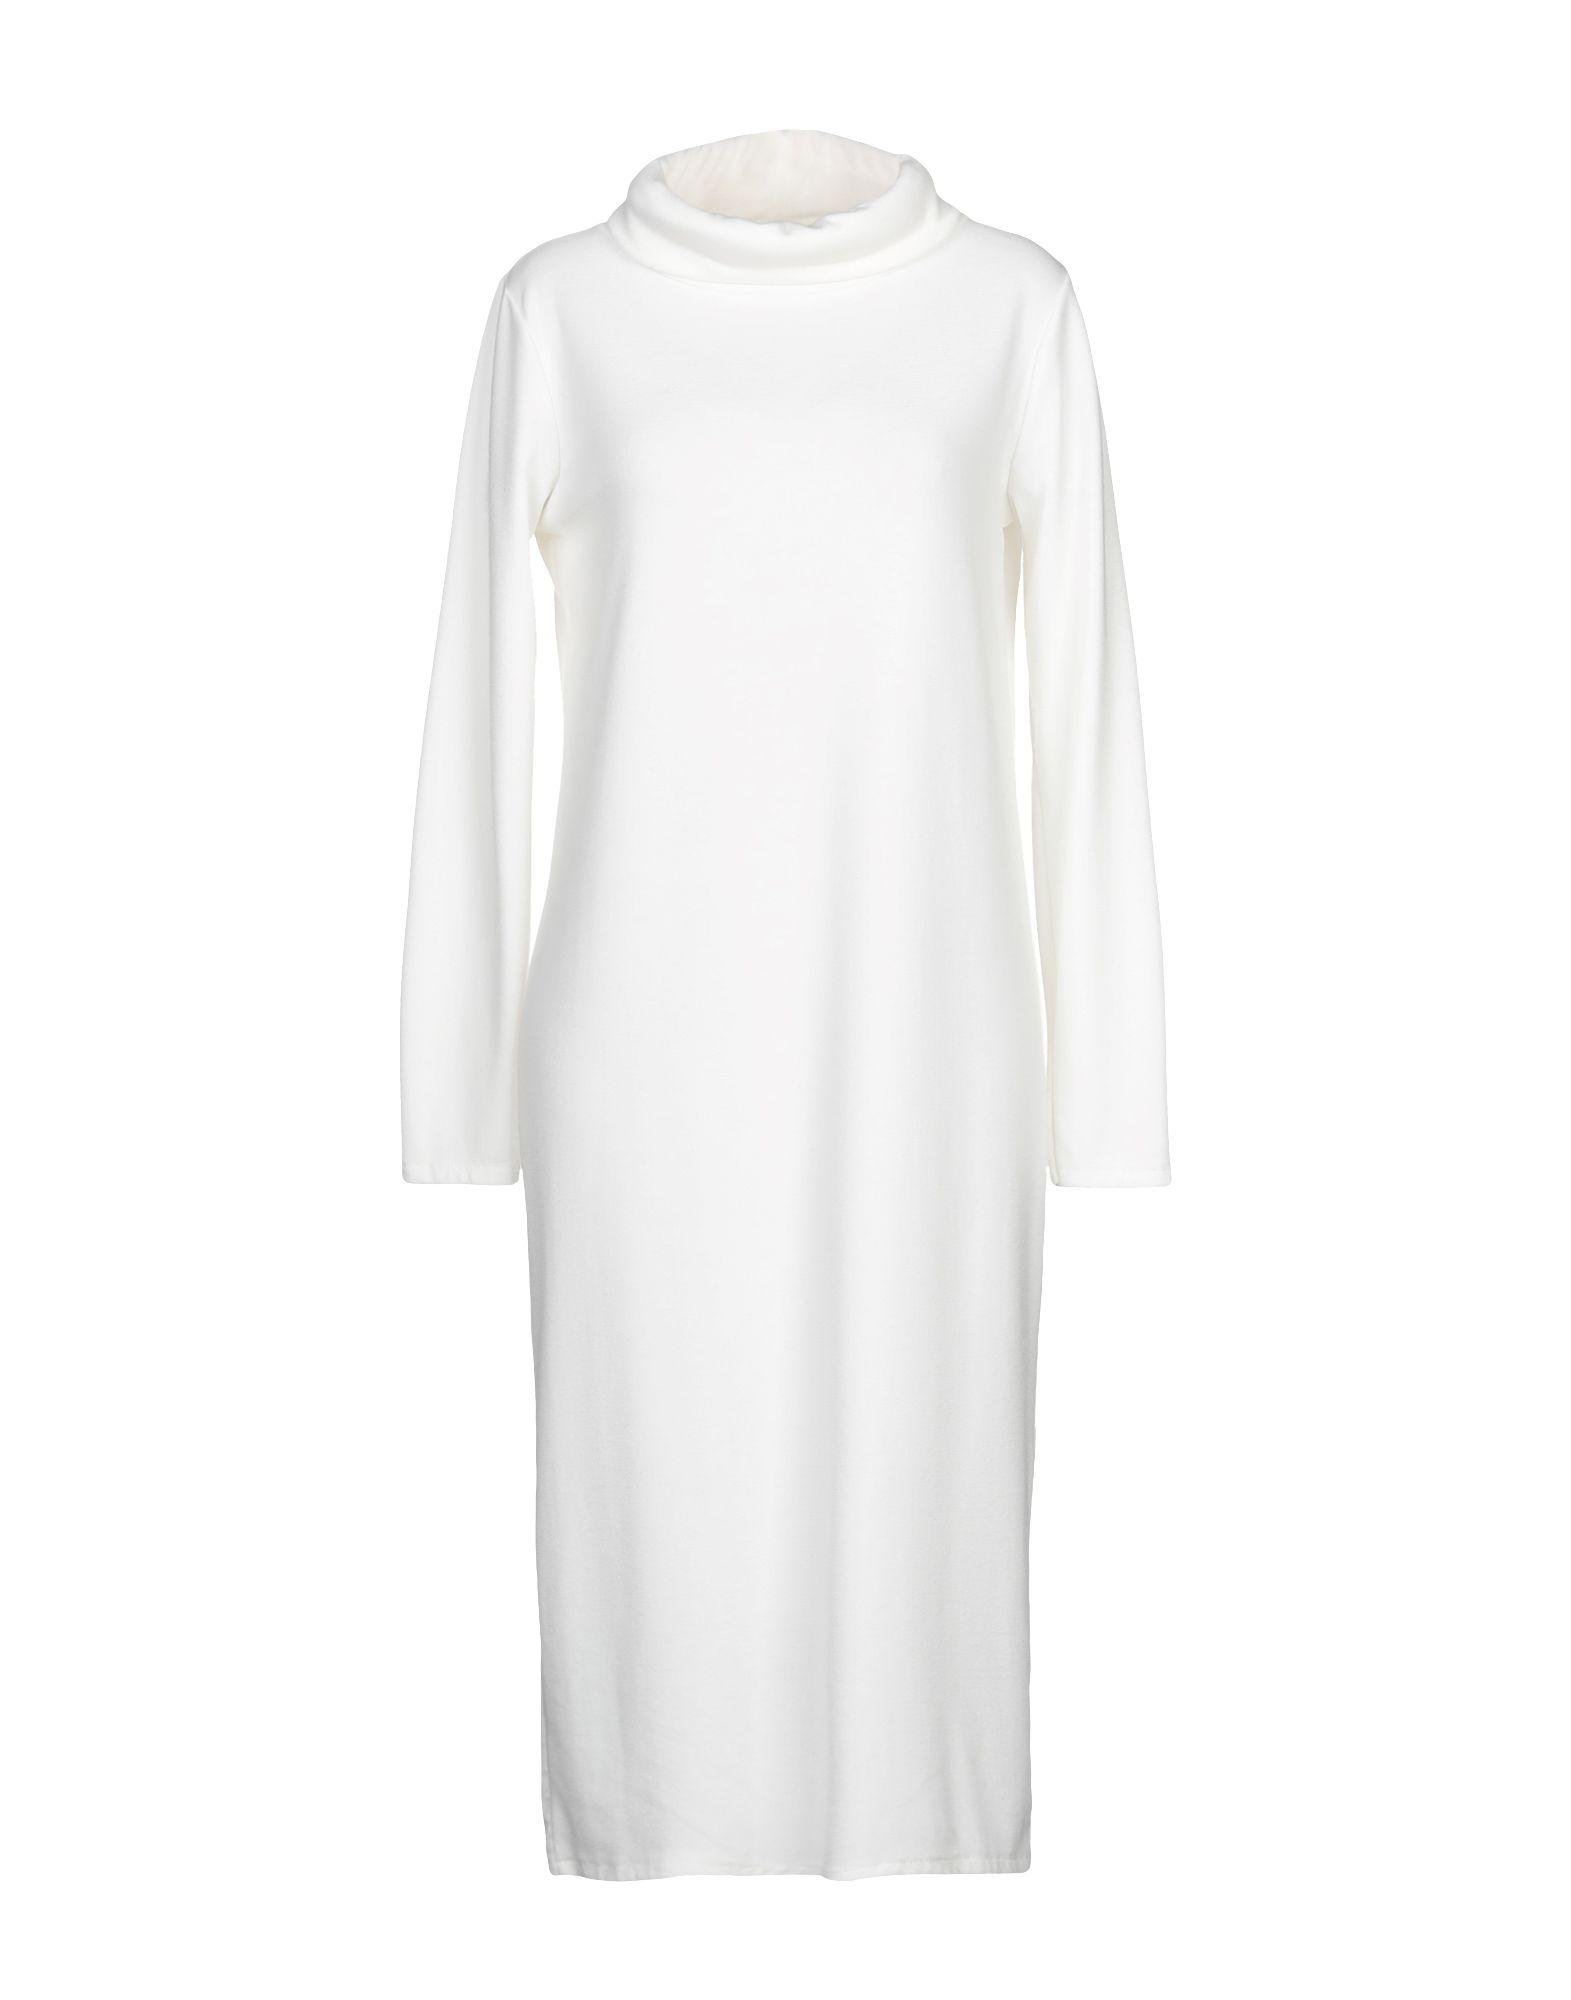 RAW SUGAR Короткое платье raw sugar короткое платье